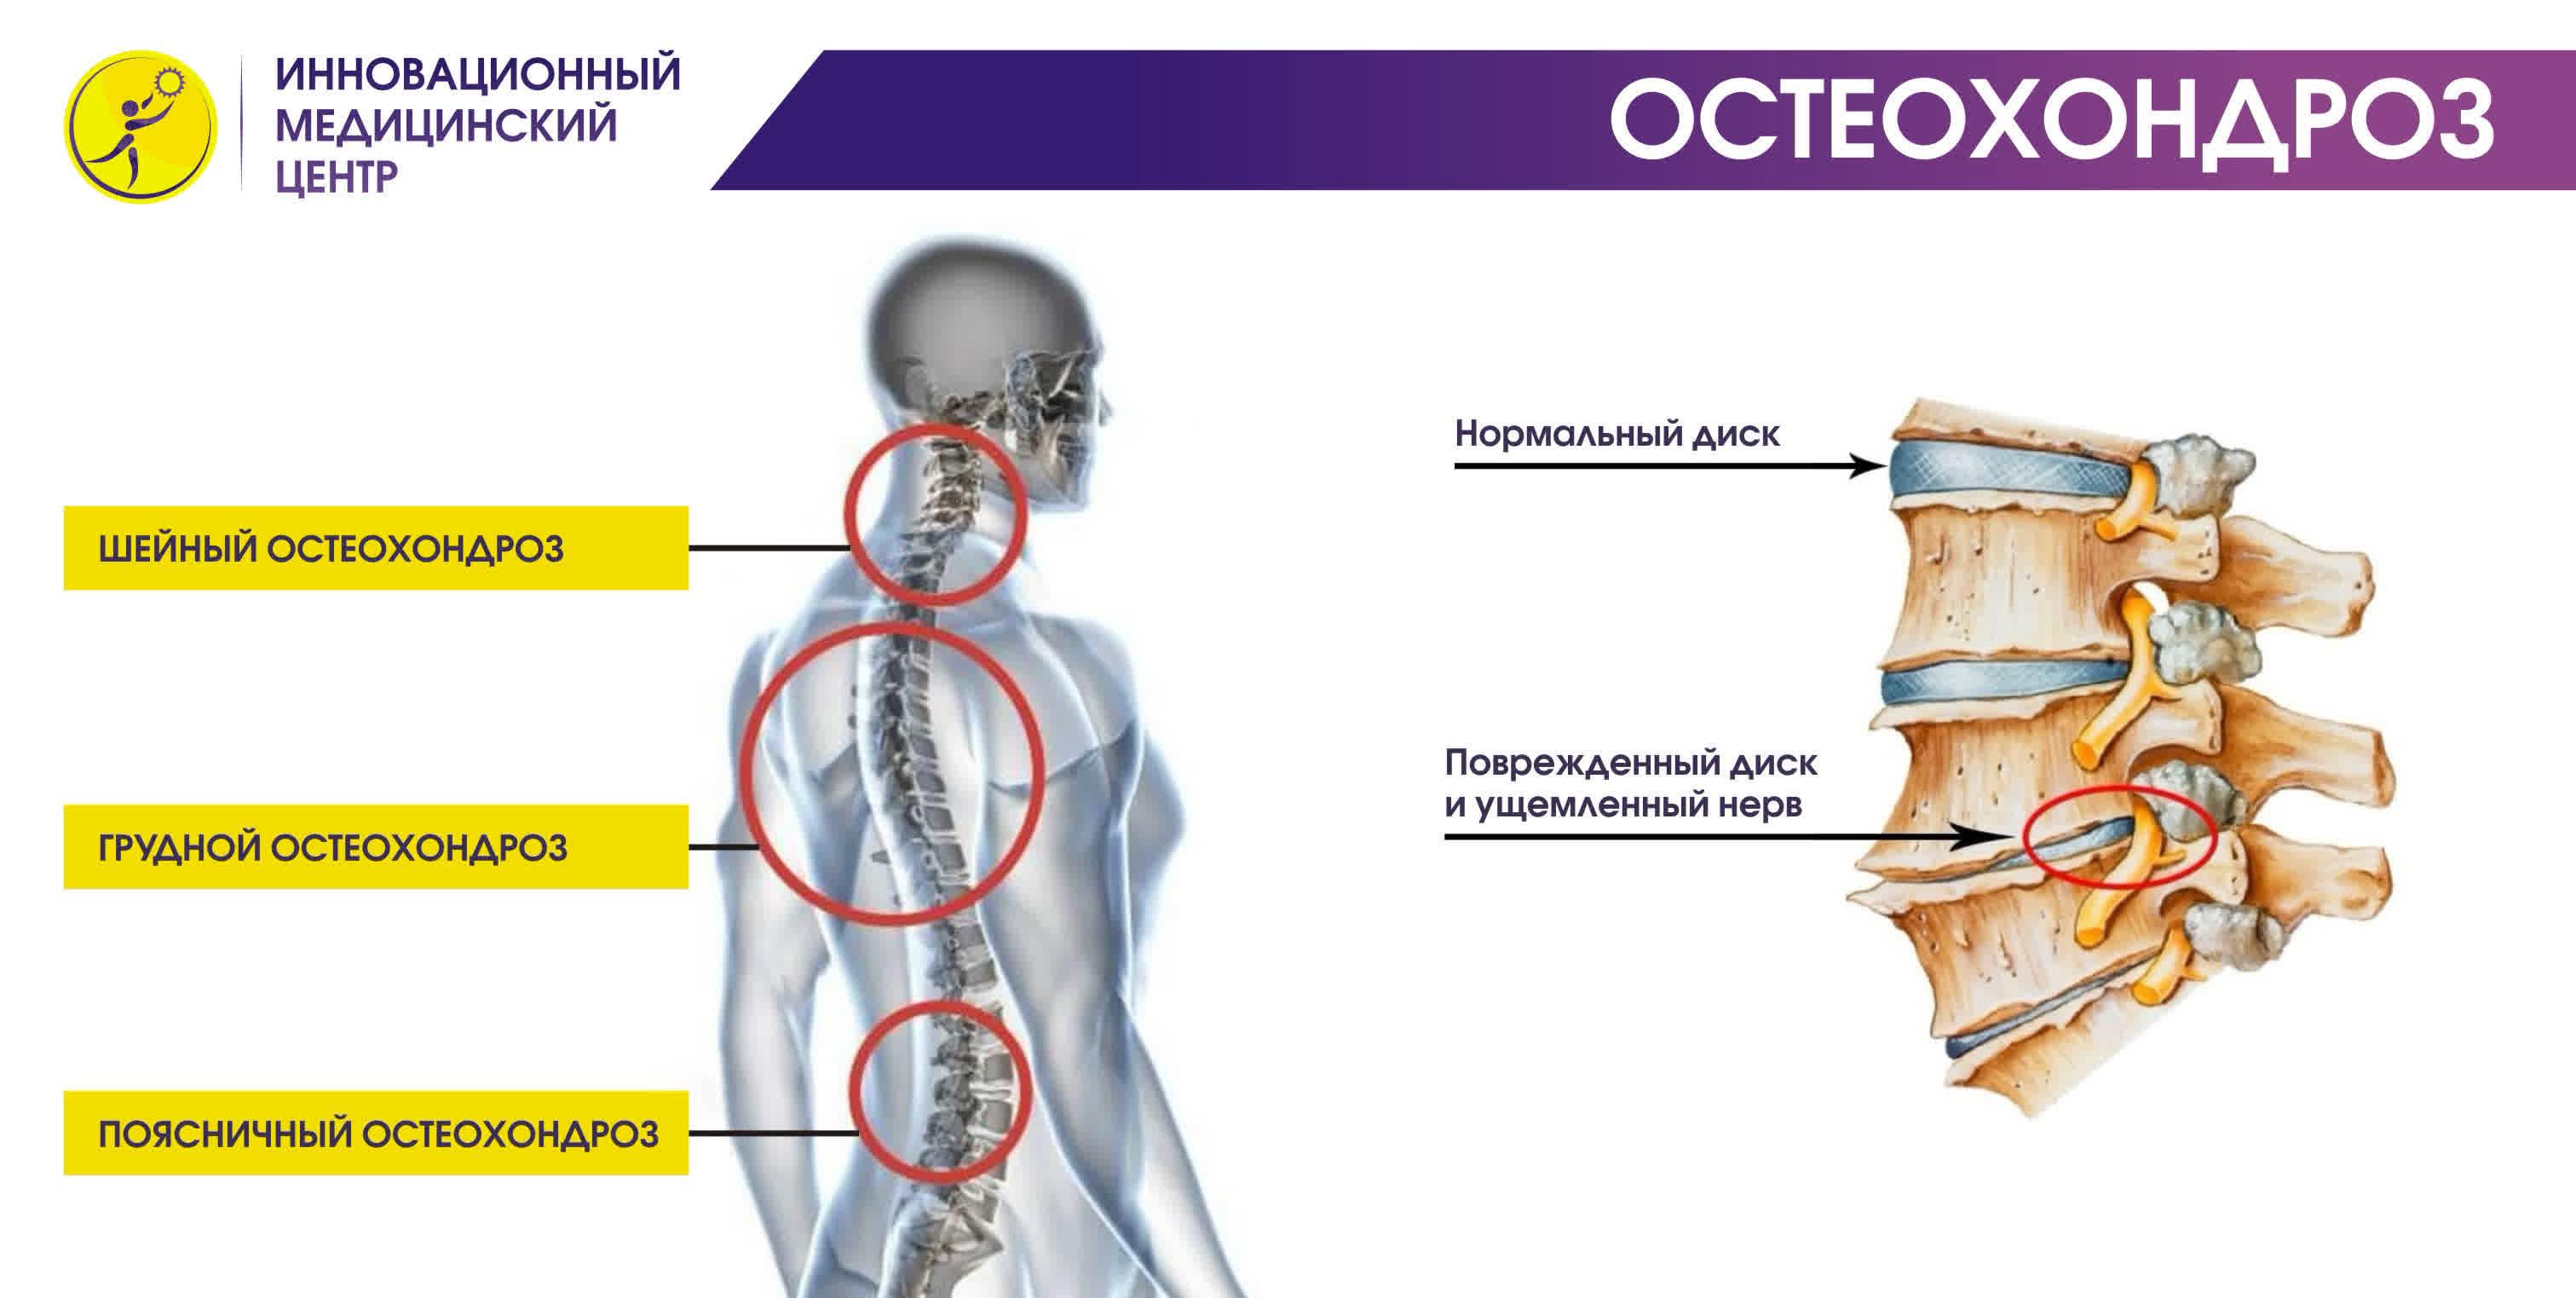 Причины, симптомы, лечение и профилактика остеохондроза шейного отдела позвоночника